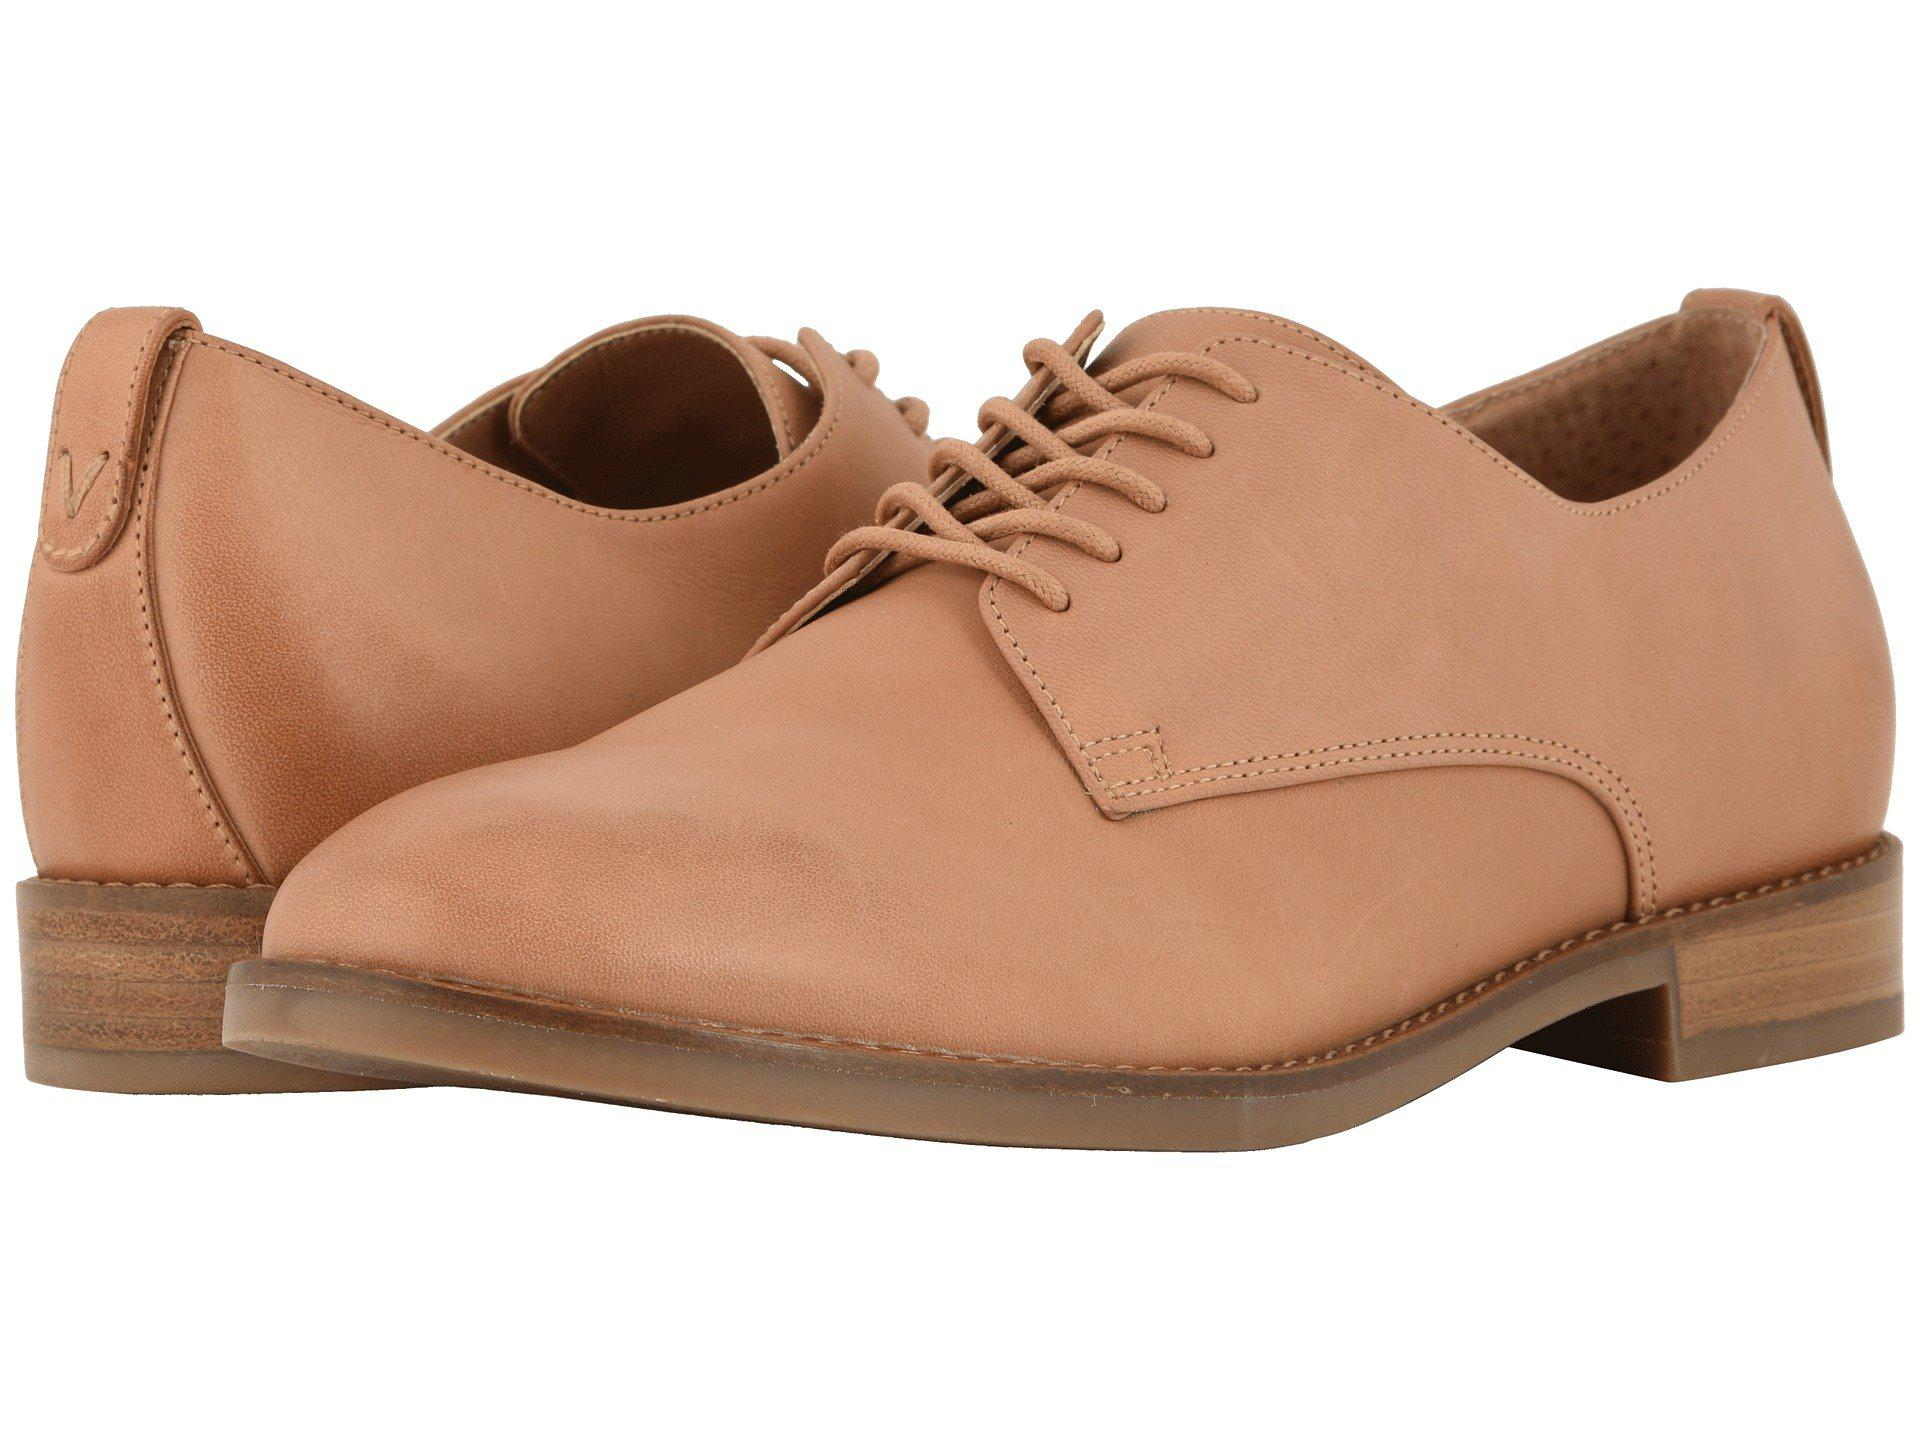 7b4315e669d16 Lyst - Vionic Weslyn (black) Women s Shoes in Brown